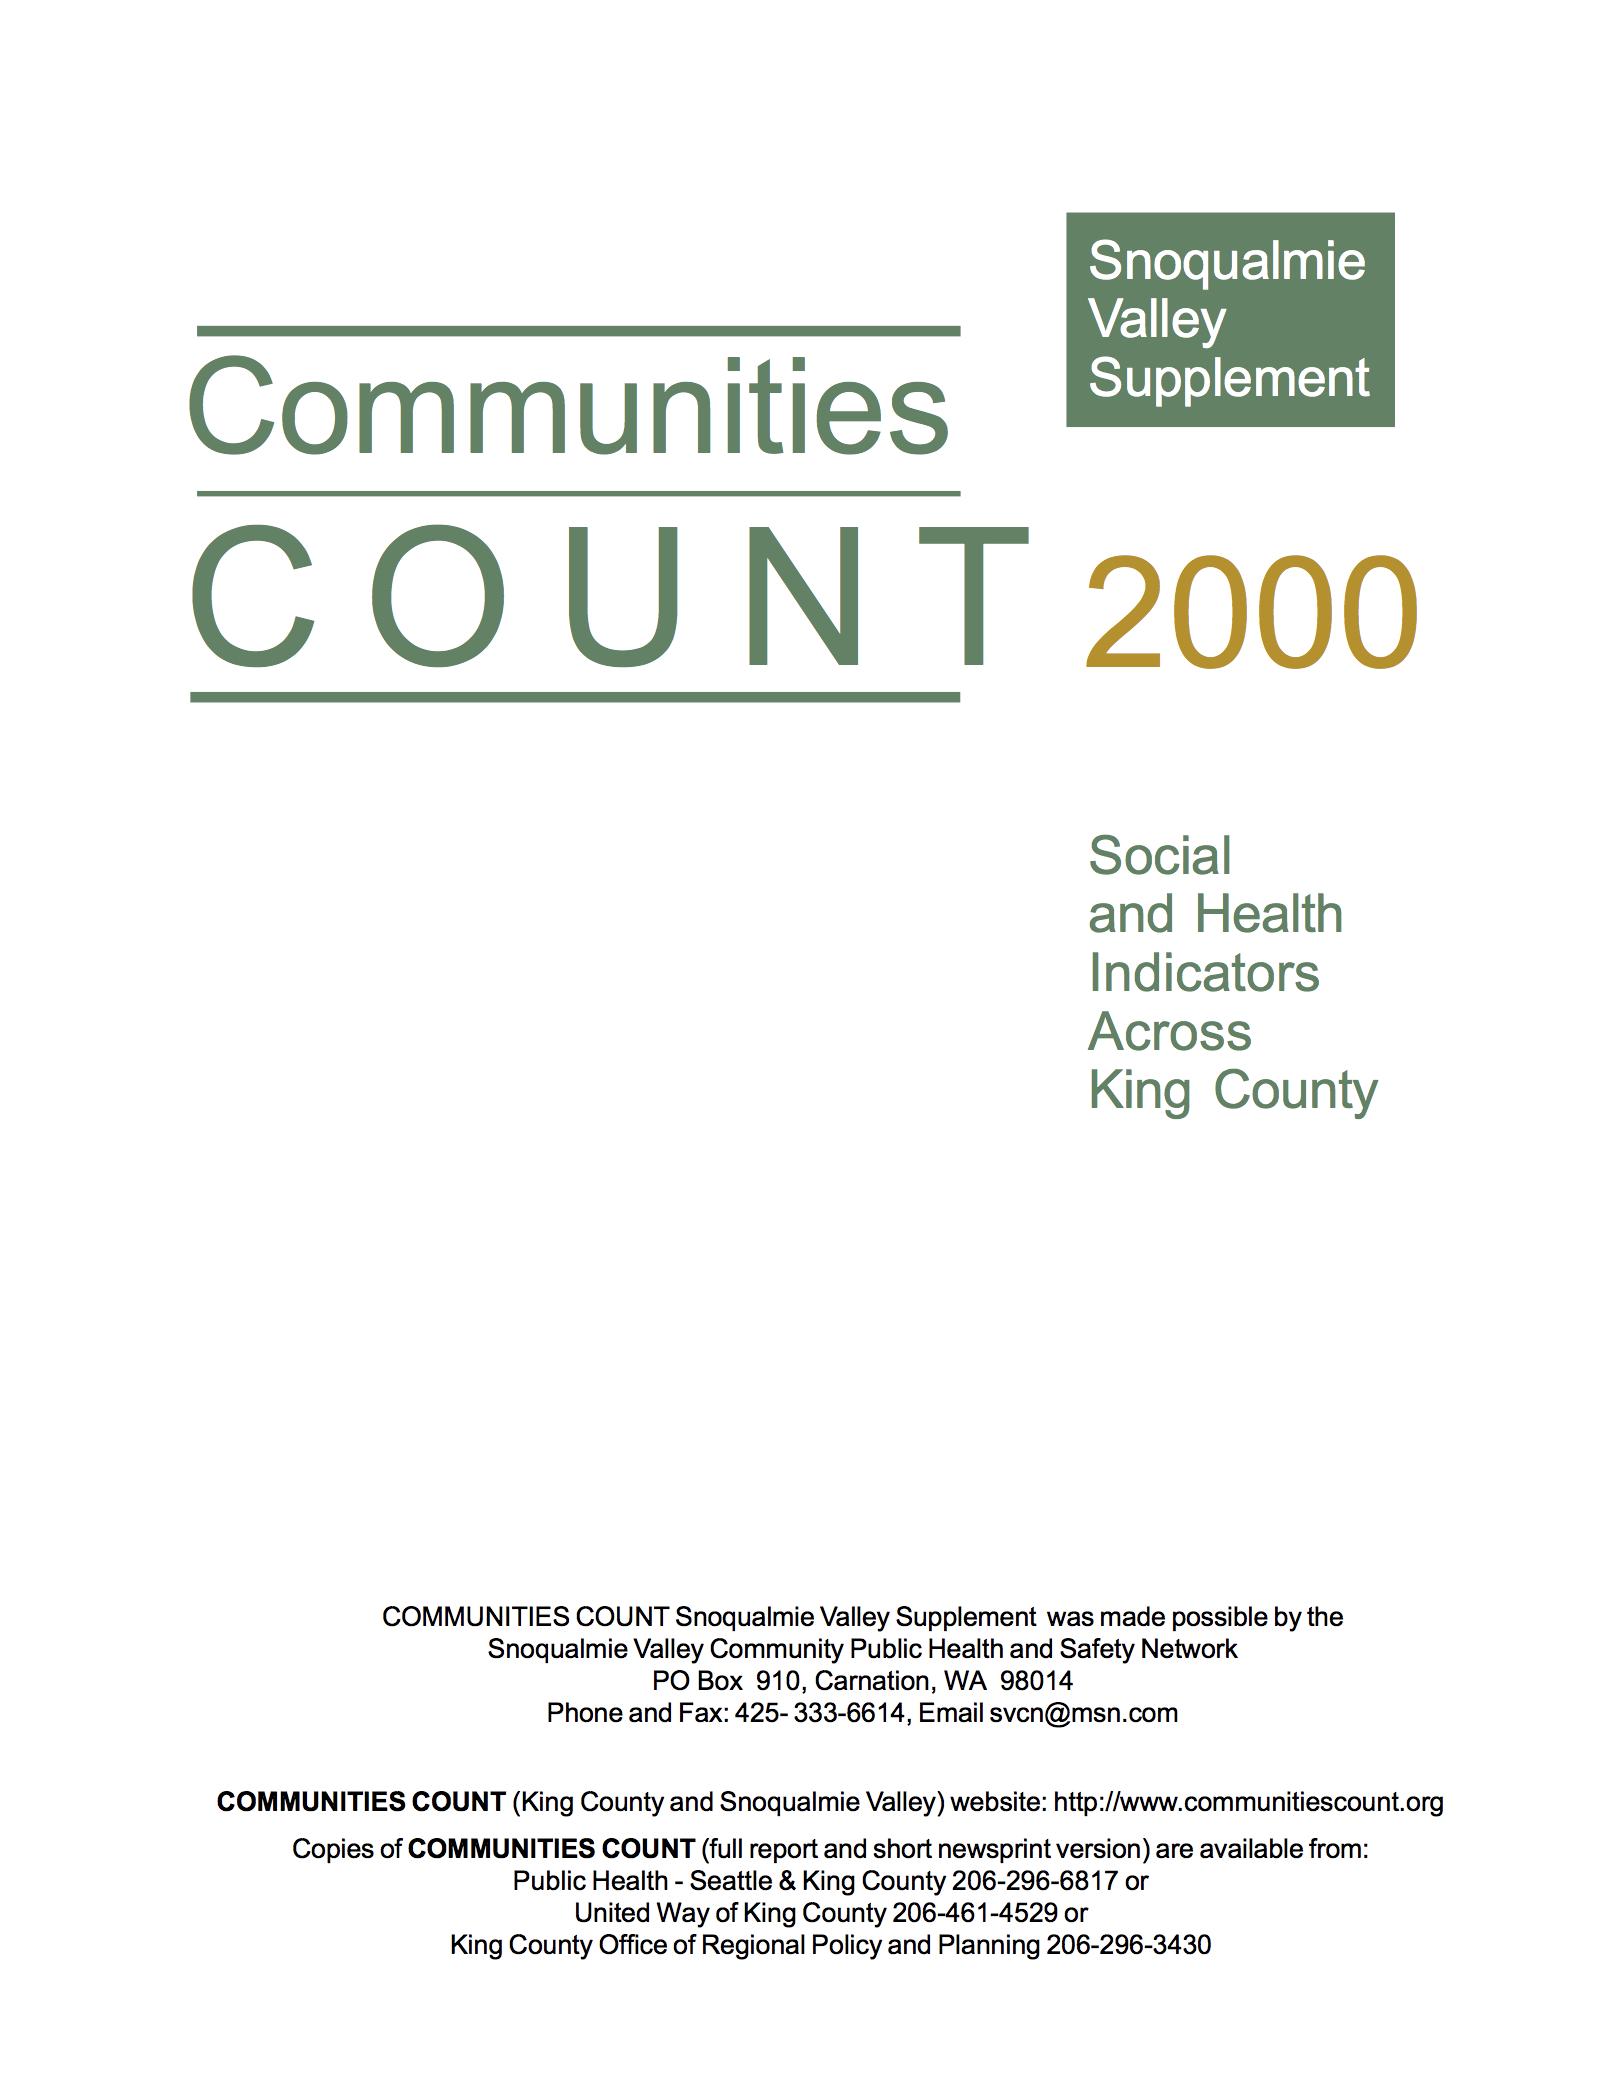 2000: Snoqualmie Valley supplement -